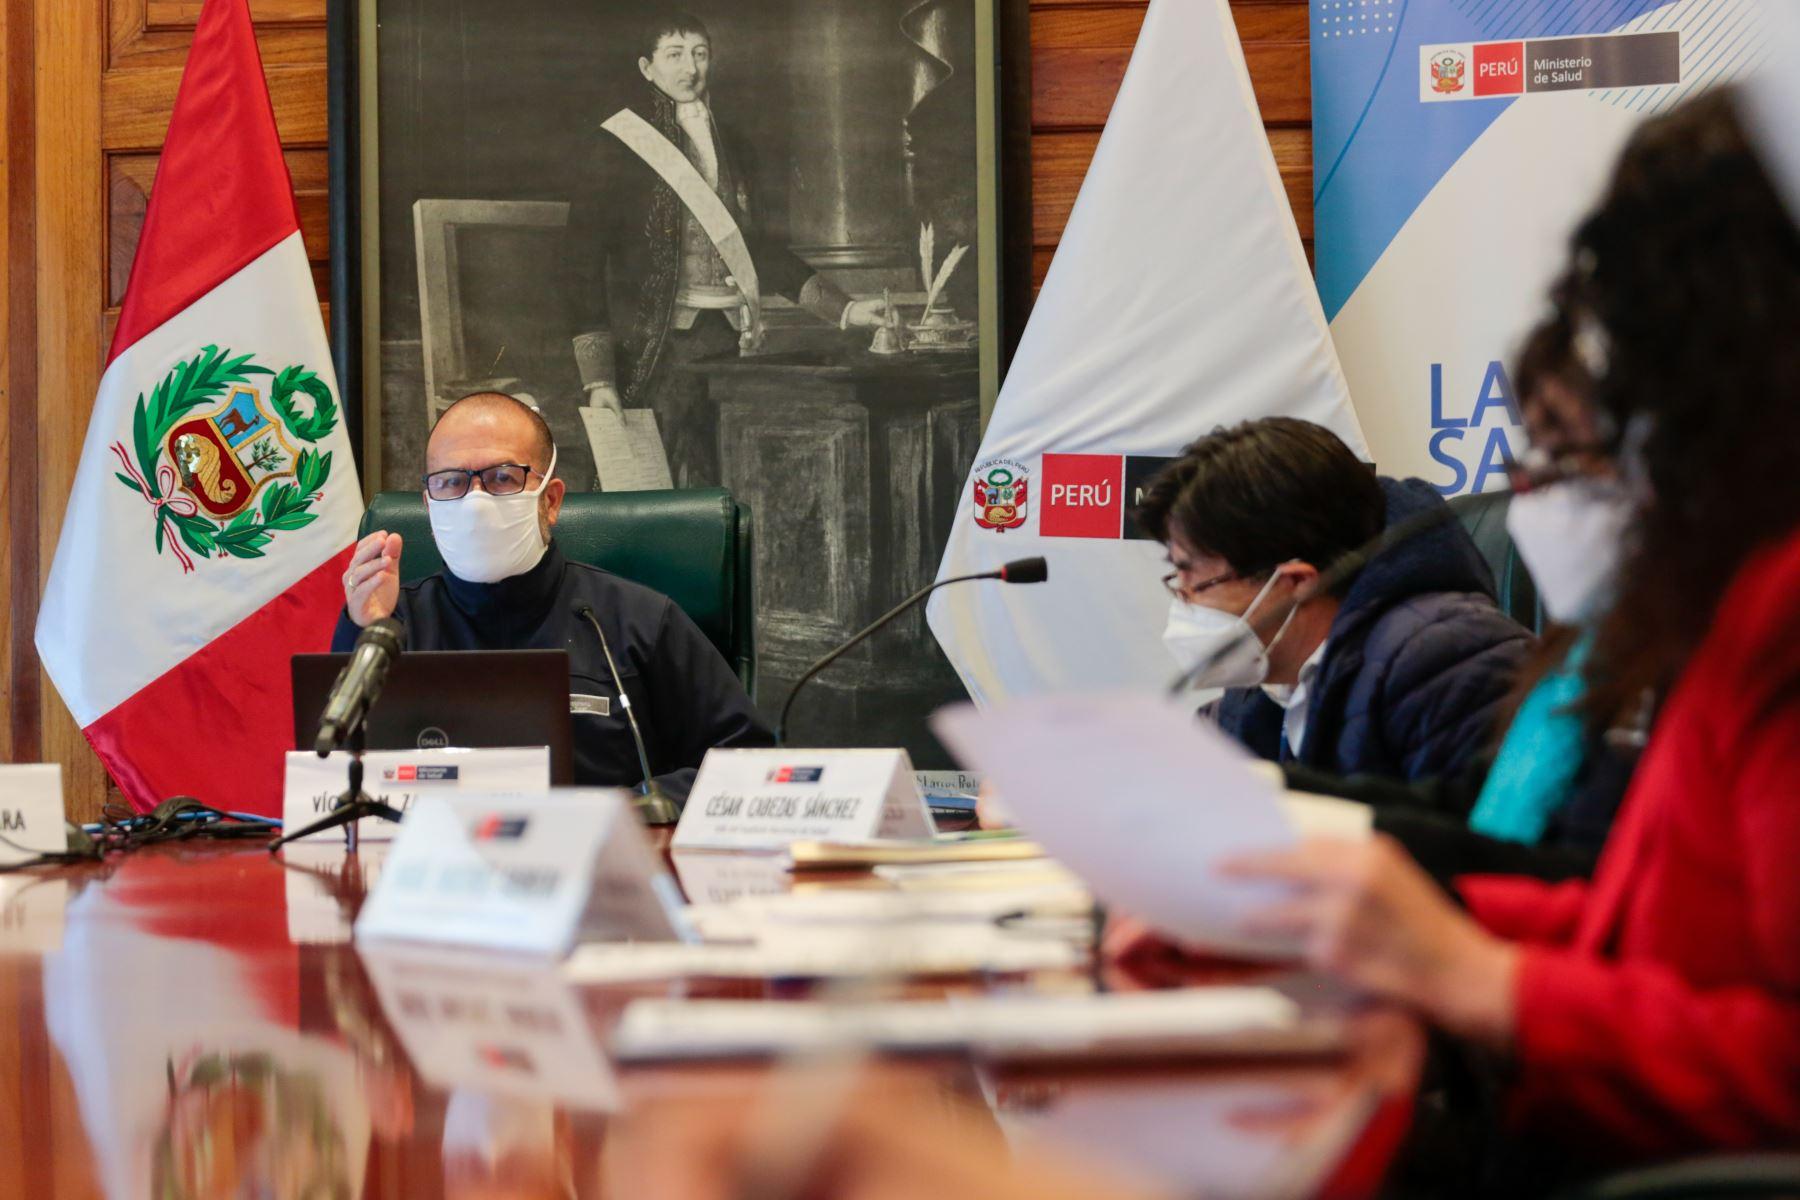 El Ministerio de Salud (Minsa) instaló el grupo de trabajo multisectorial que se encargará de gestionar financiamiento para la adquisición de la vacuna contra el covid-19. ANDINA/Minsa